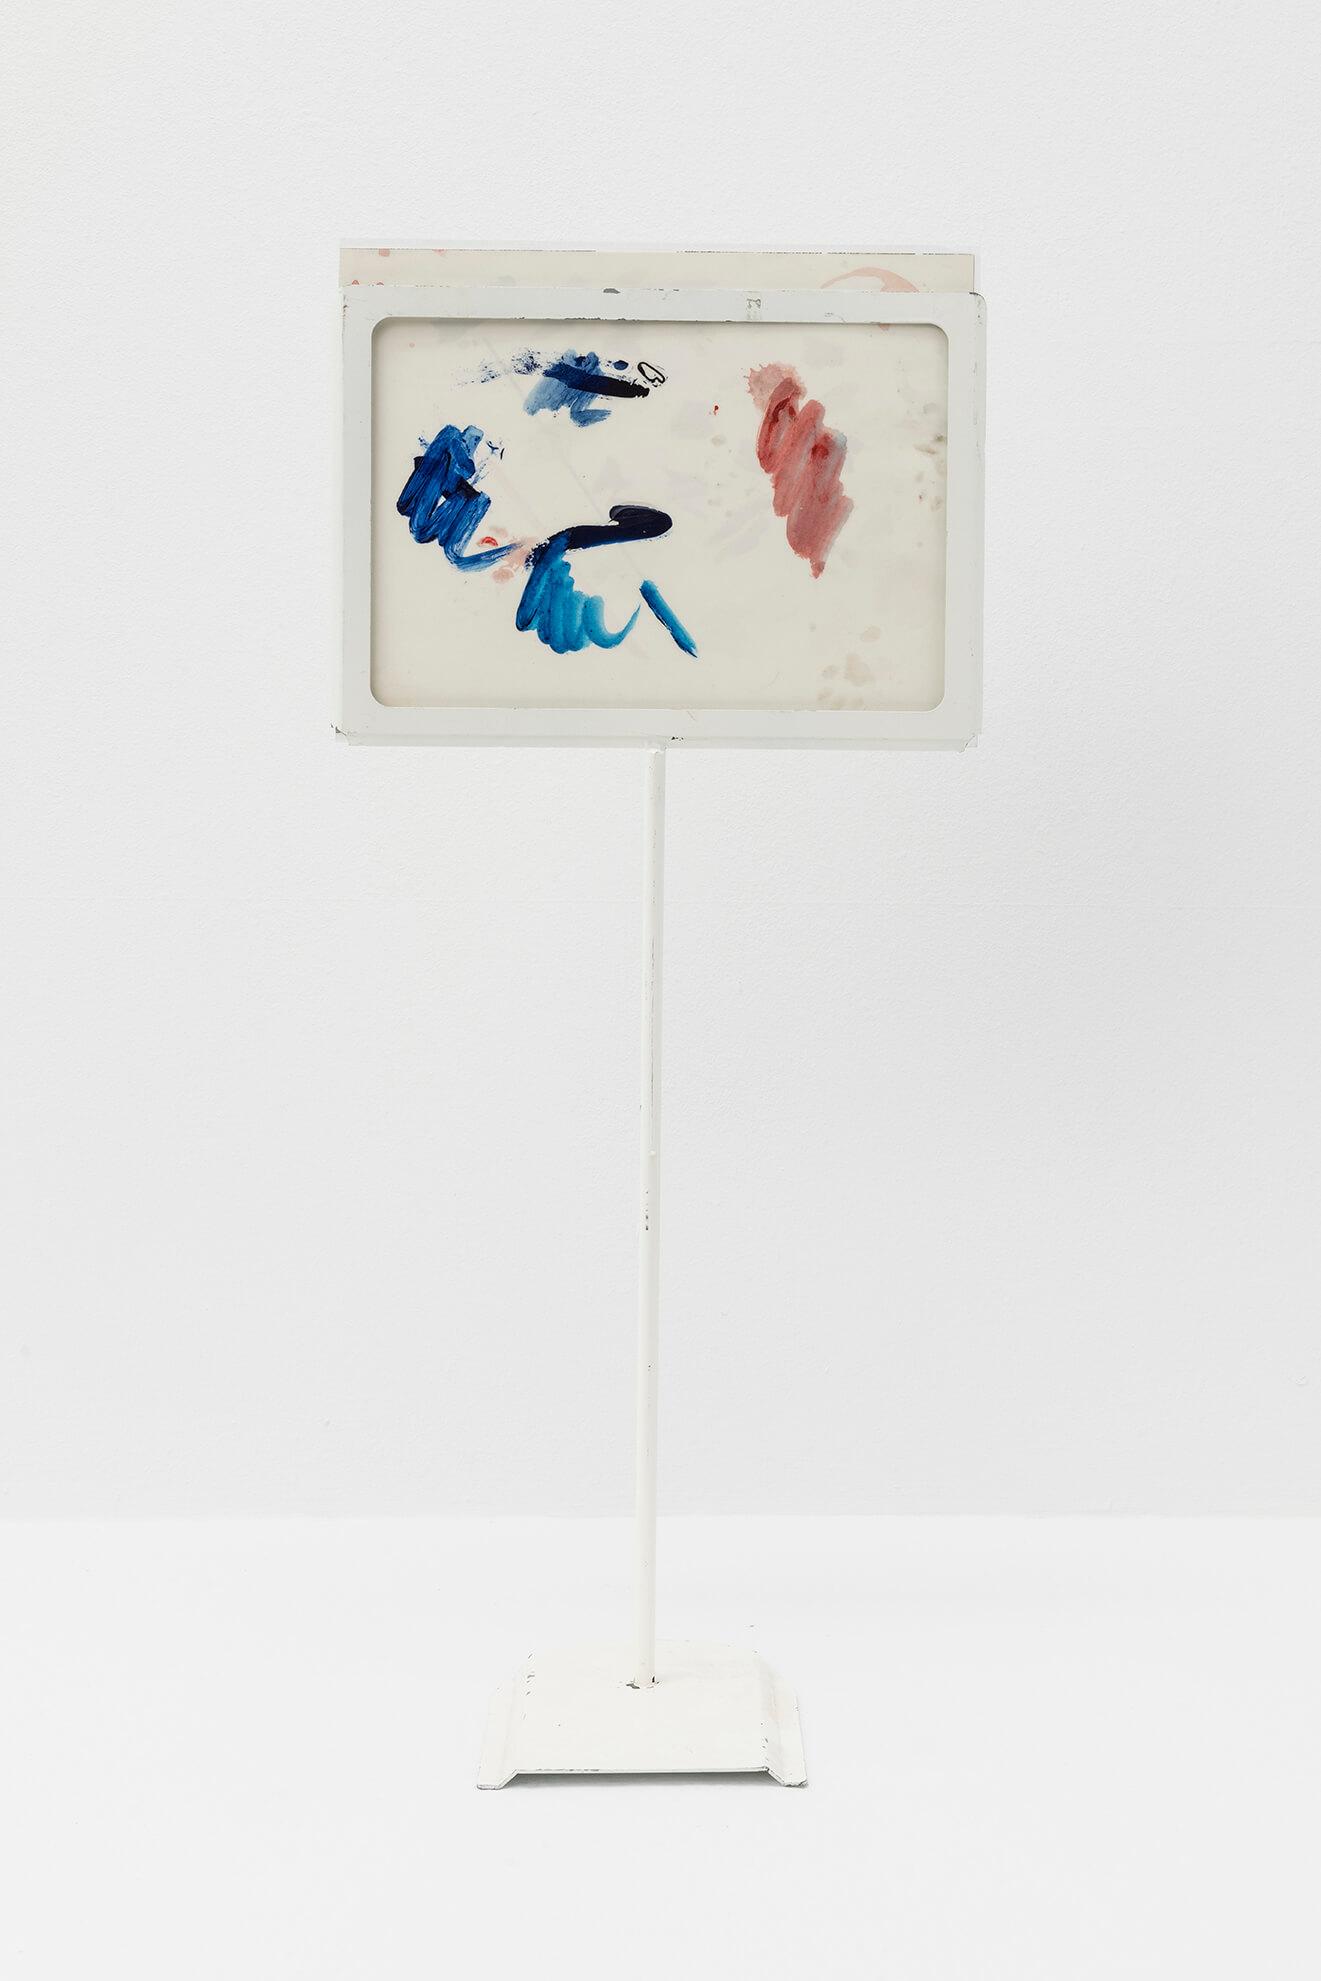 Plastificados #5, 2018 | Untitled | ProjecteSD